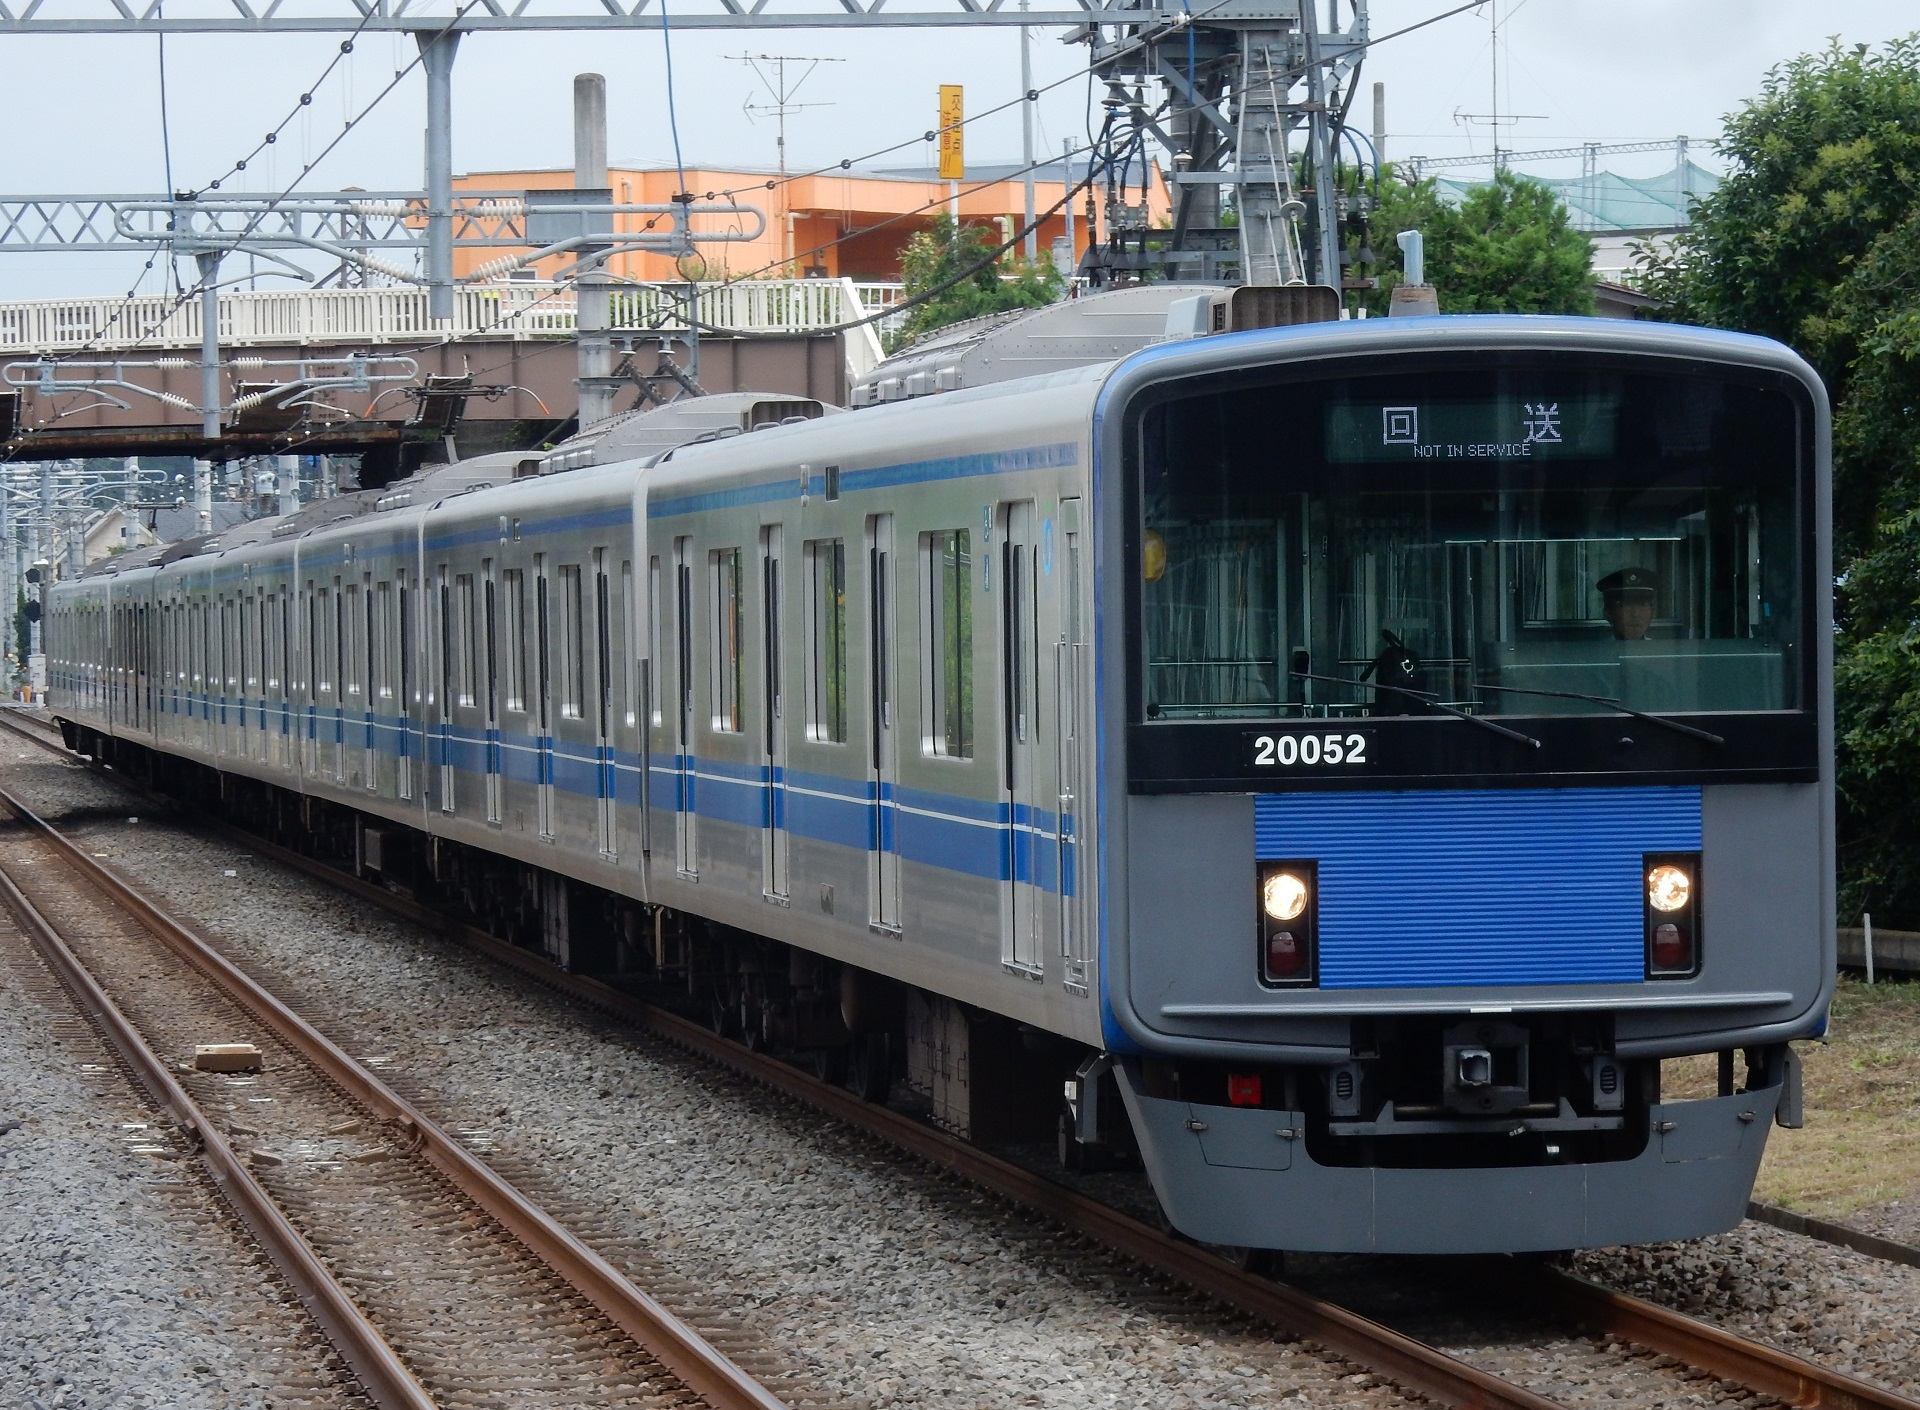 DSCN3684 - コピー